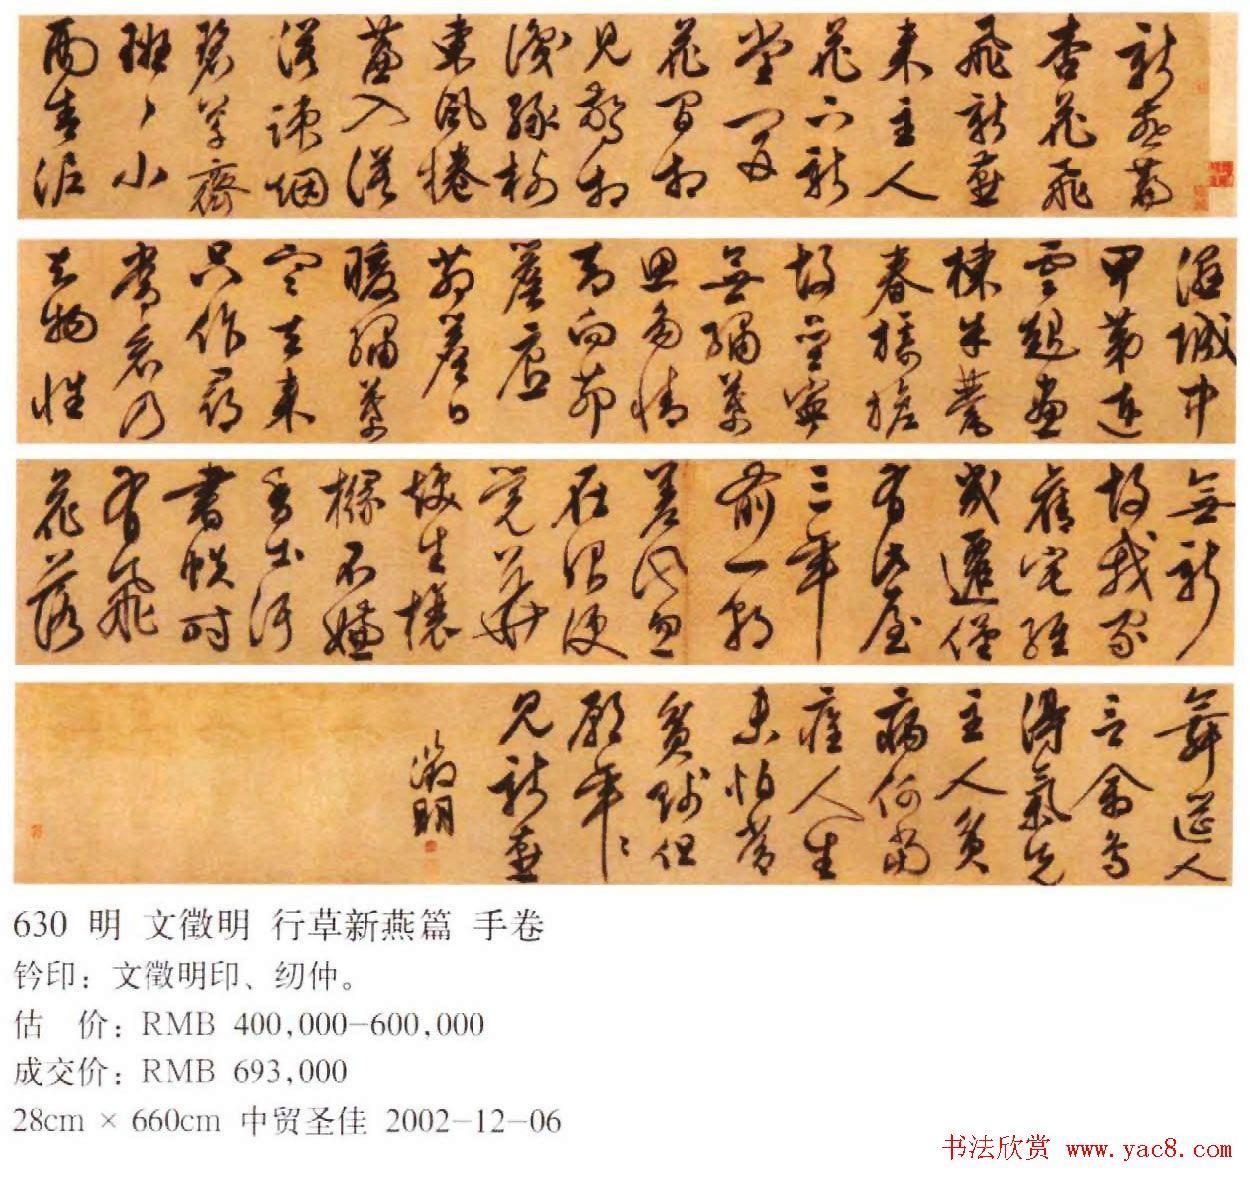 文徵明书法长卷欣赏《新燕篇》两种